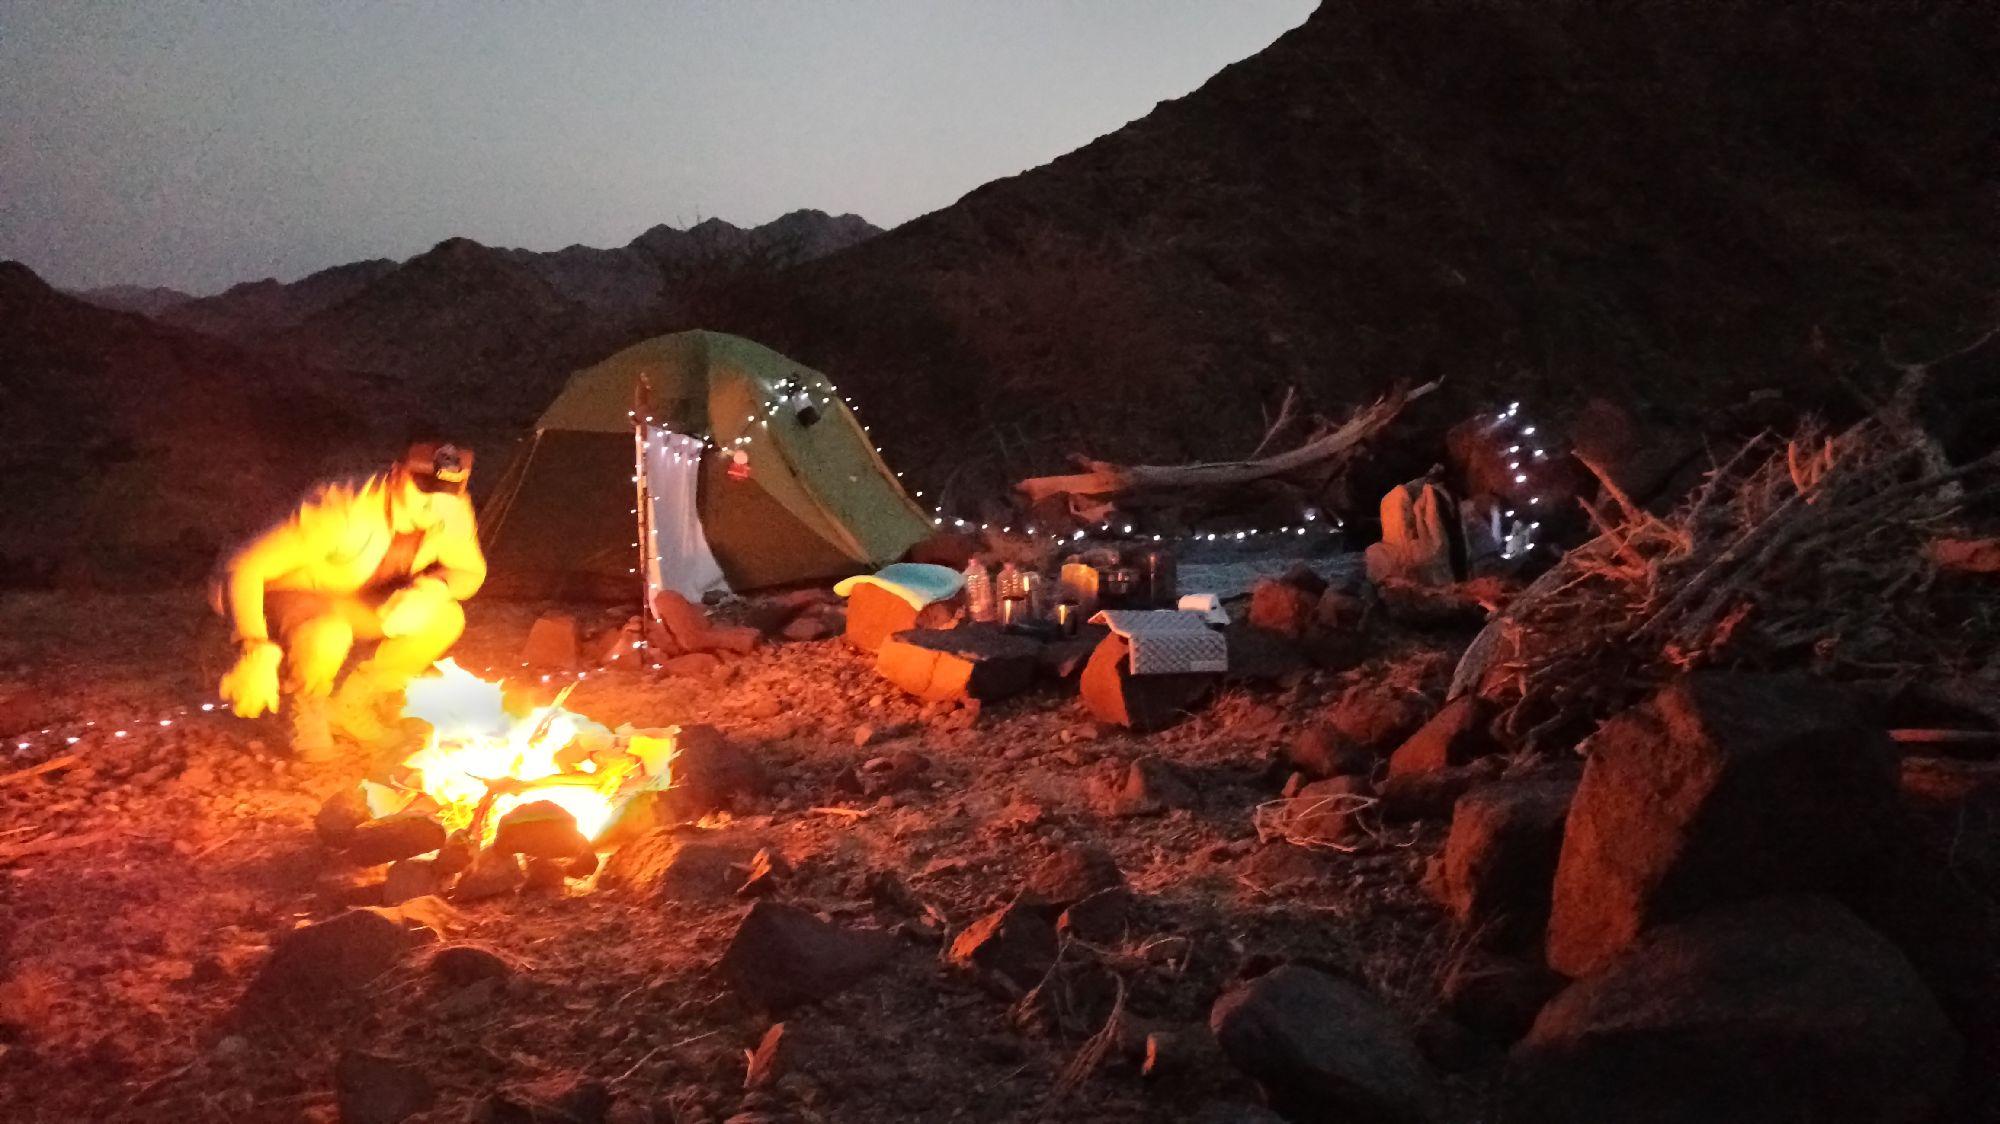 Организация лагеря: палатка, подвешенный на нее экран, чуть ближе к костру стол и стулья из камней, за ним зона для валяния с ковриками